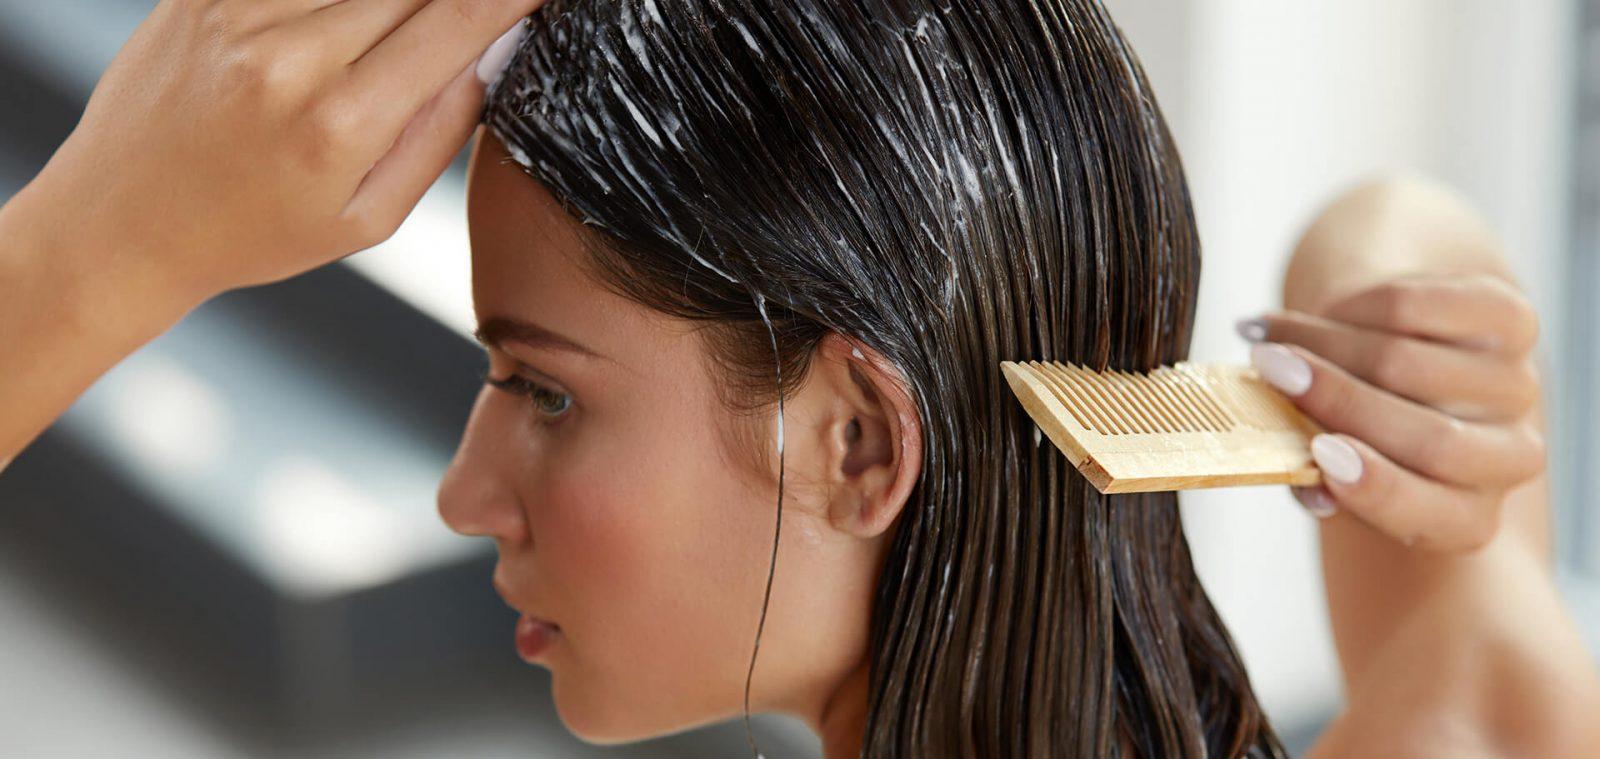 mujer lavando su cabello en la ducha